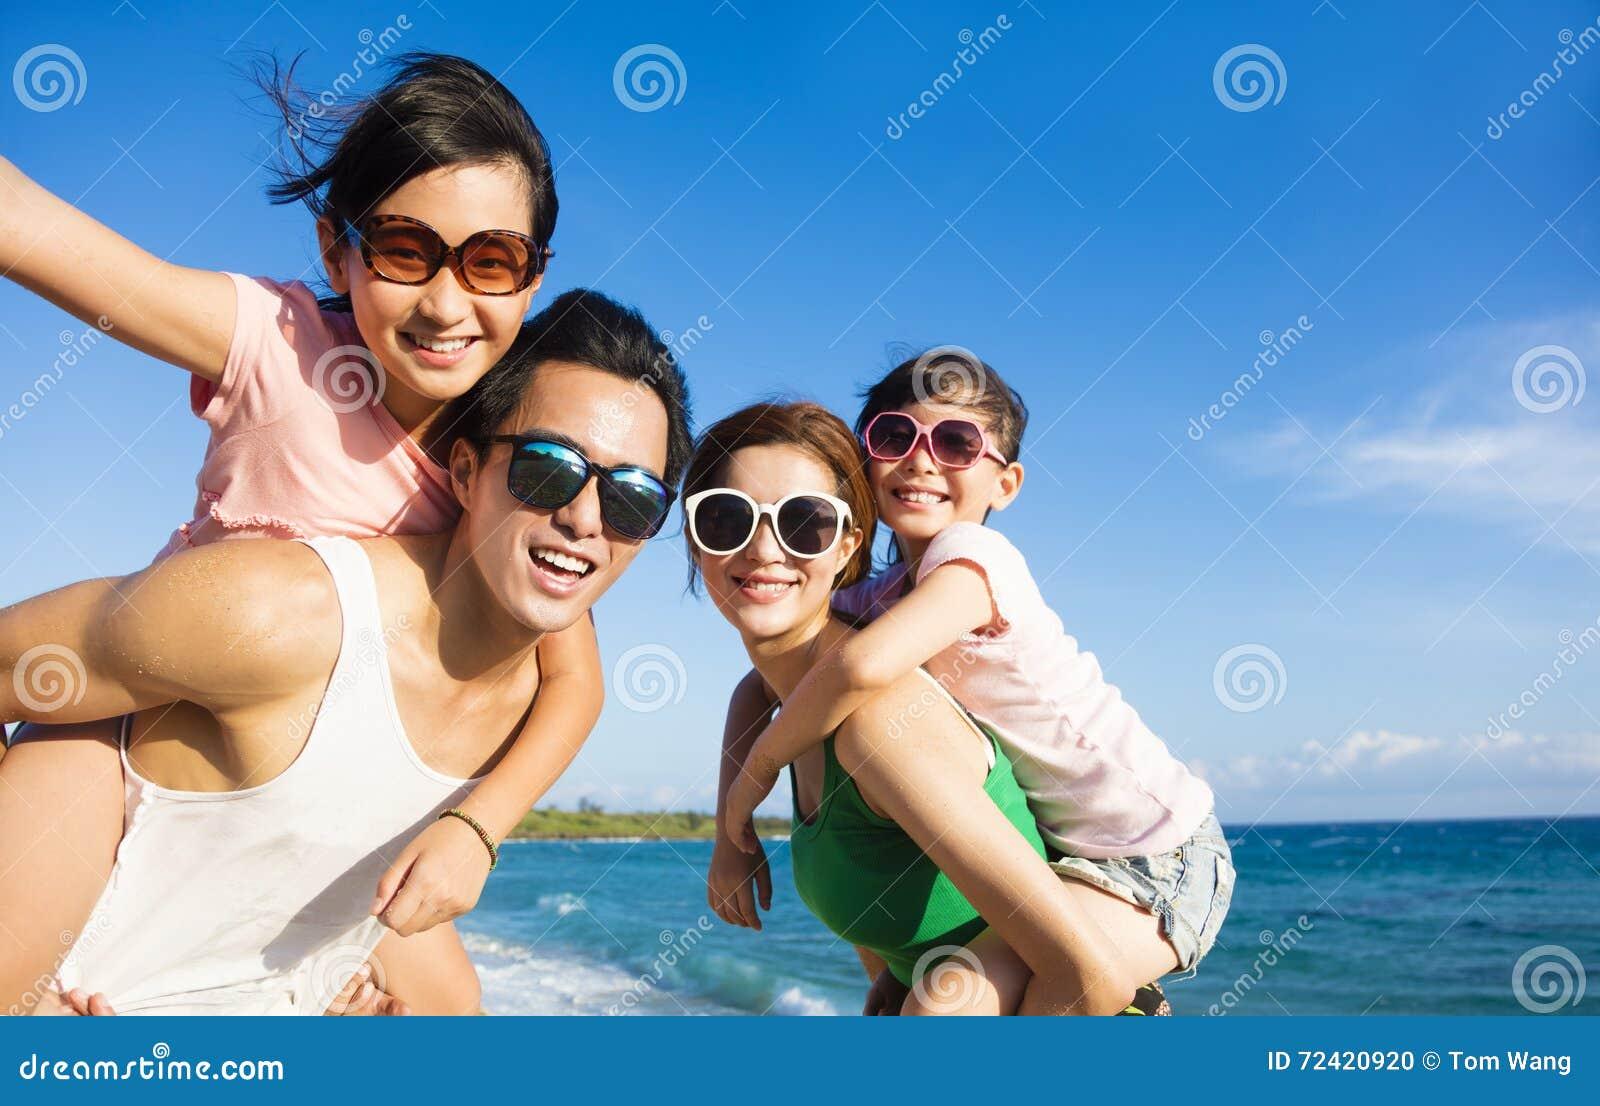 Famille heureuse ayant l amusement à la plage